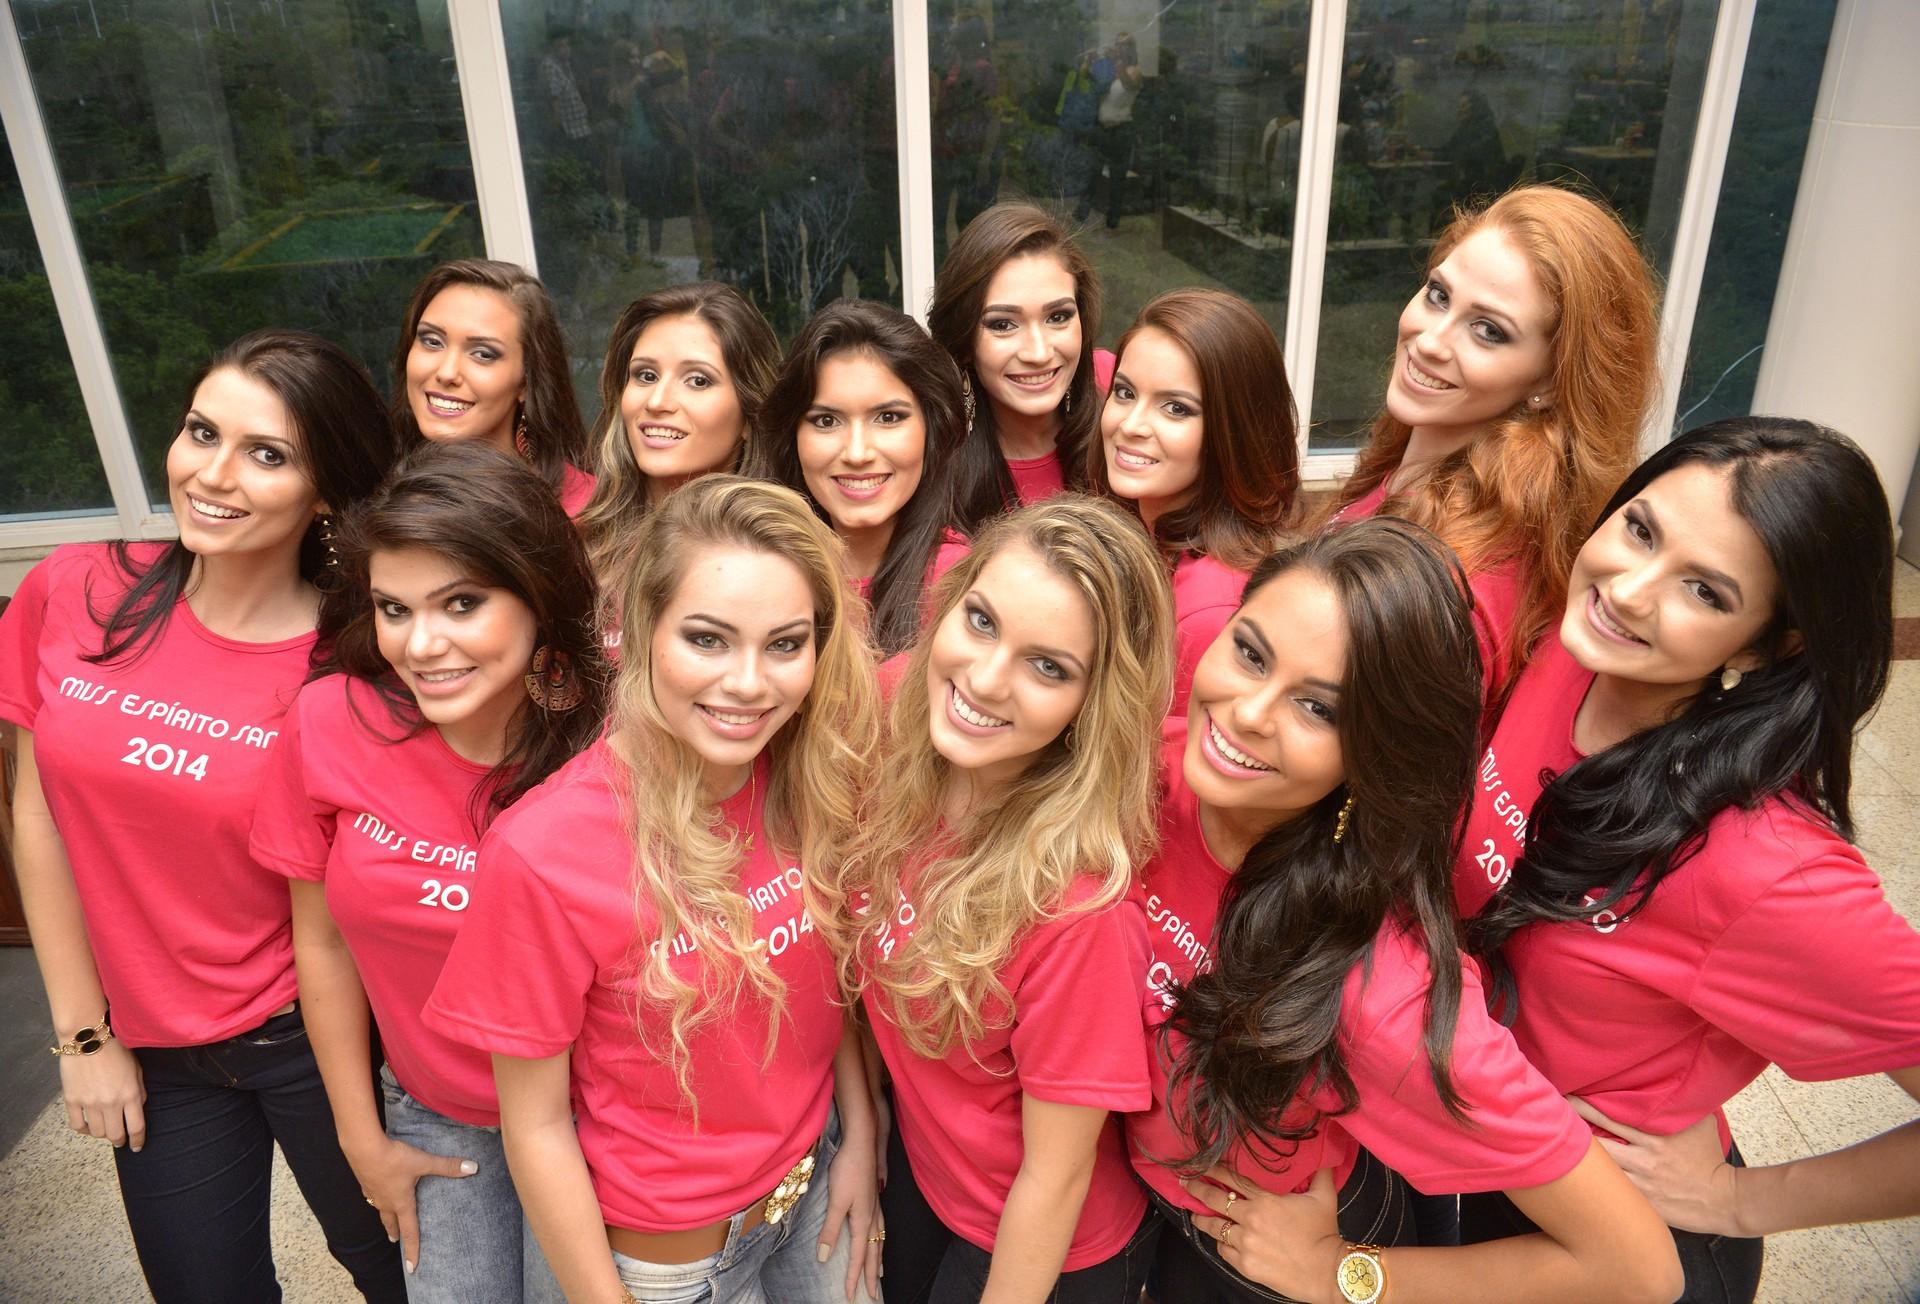 Finalistas do concurso de beleza Miss Espírito Santo 2014 (Foto: Edson Chagas/Jornal A Gazeta)